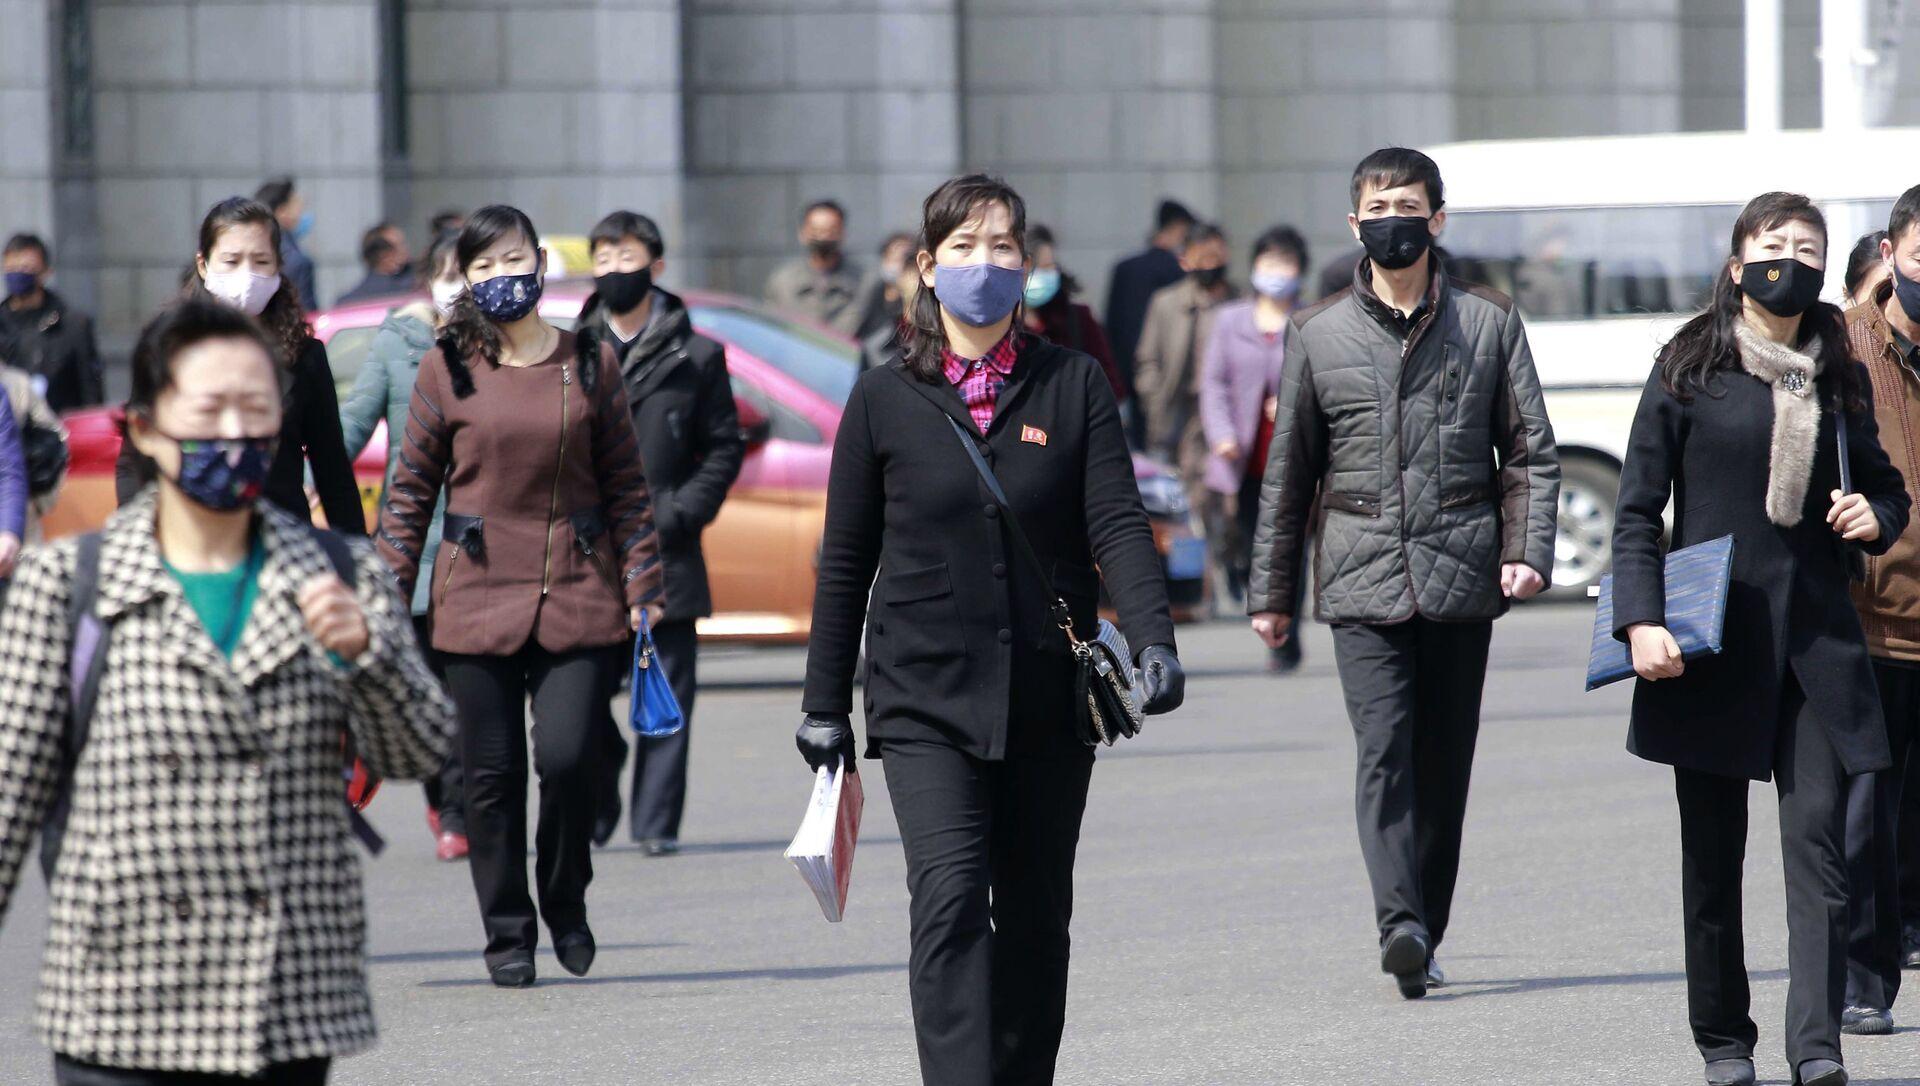 Người qua đường đeo mặt nạ y tế trên đường phố ở Bình Nhưỡng, Triều Tiên - Sputnik Việt Nam, 1920, 30.06.2021